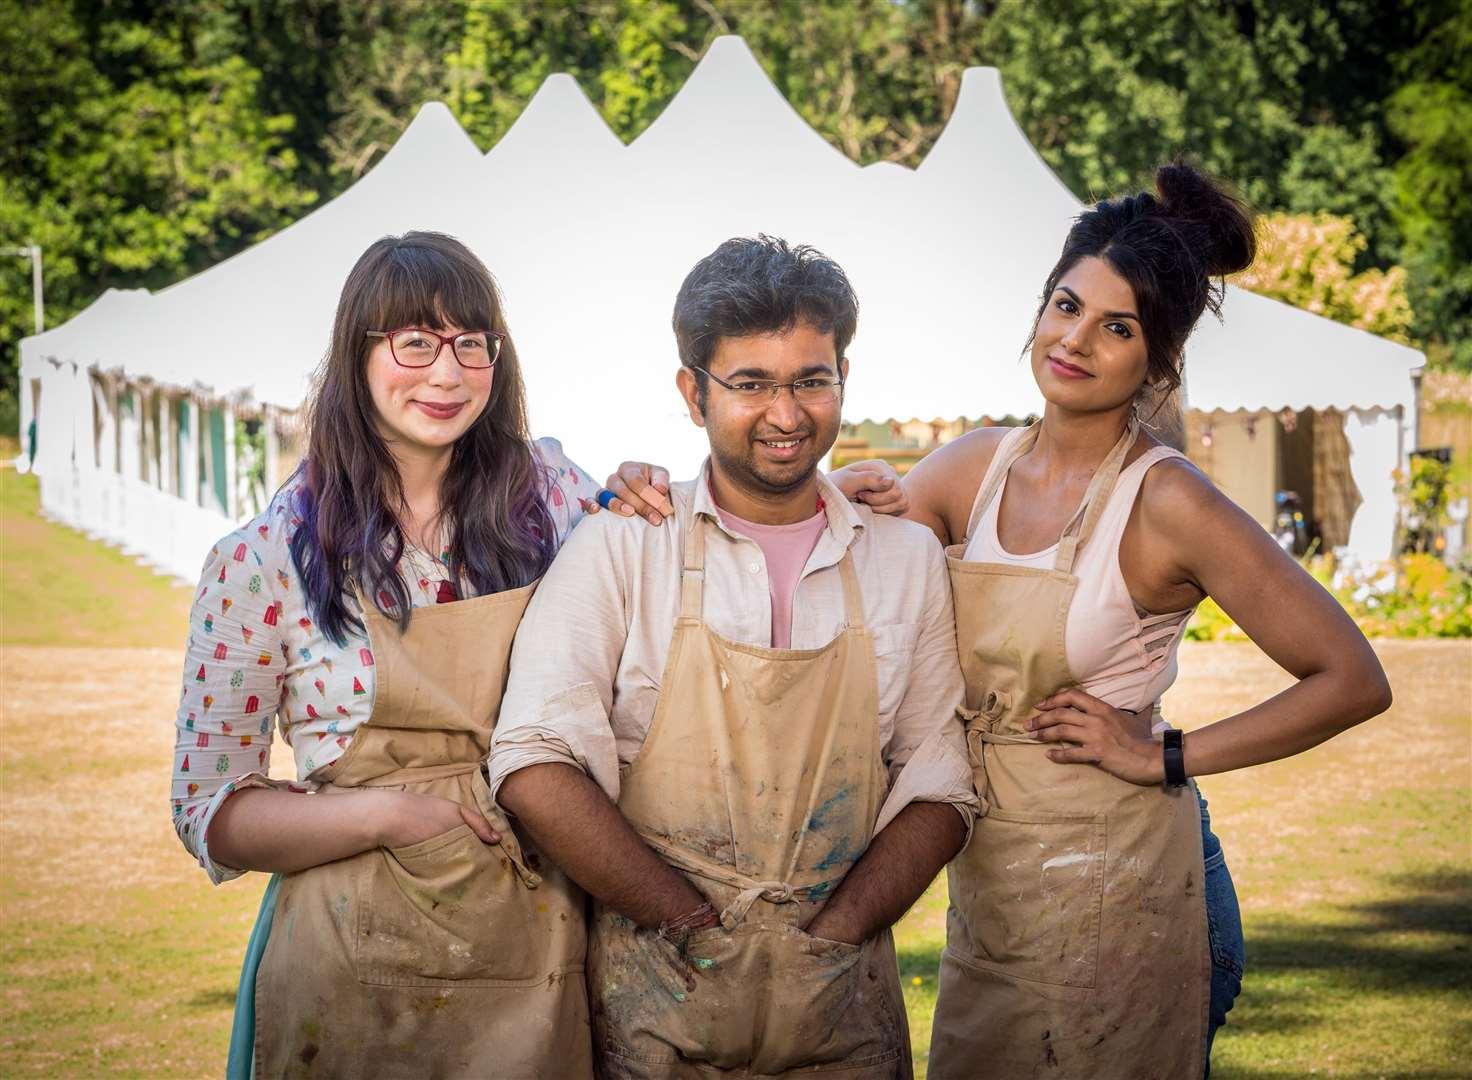 The Great British Bake Off finalist Kim-Joy Hewlett is ...